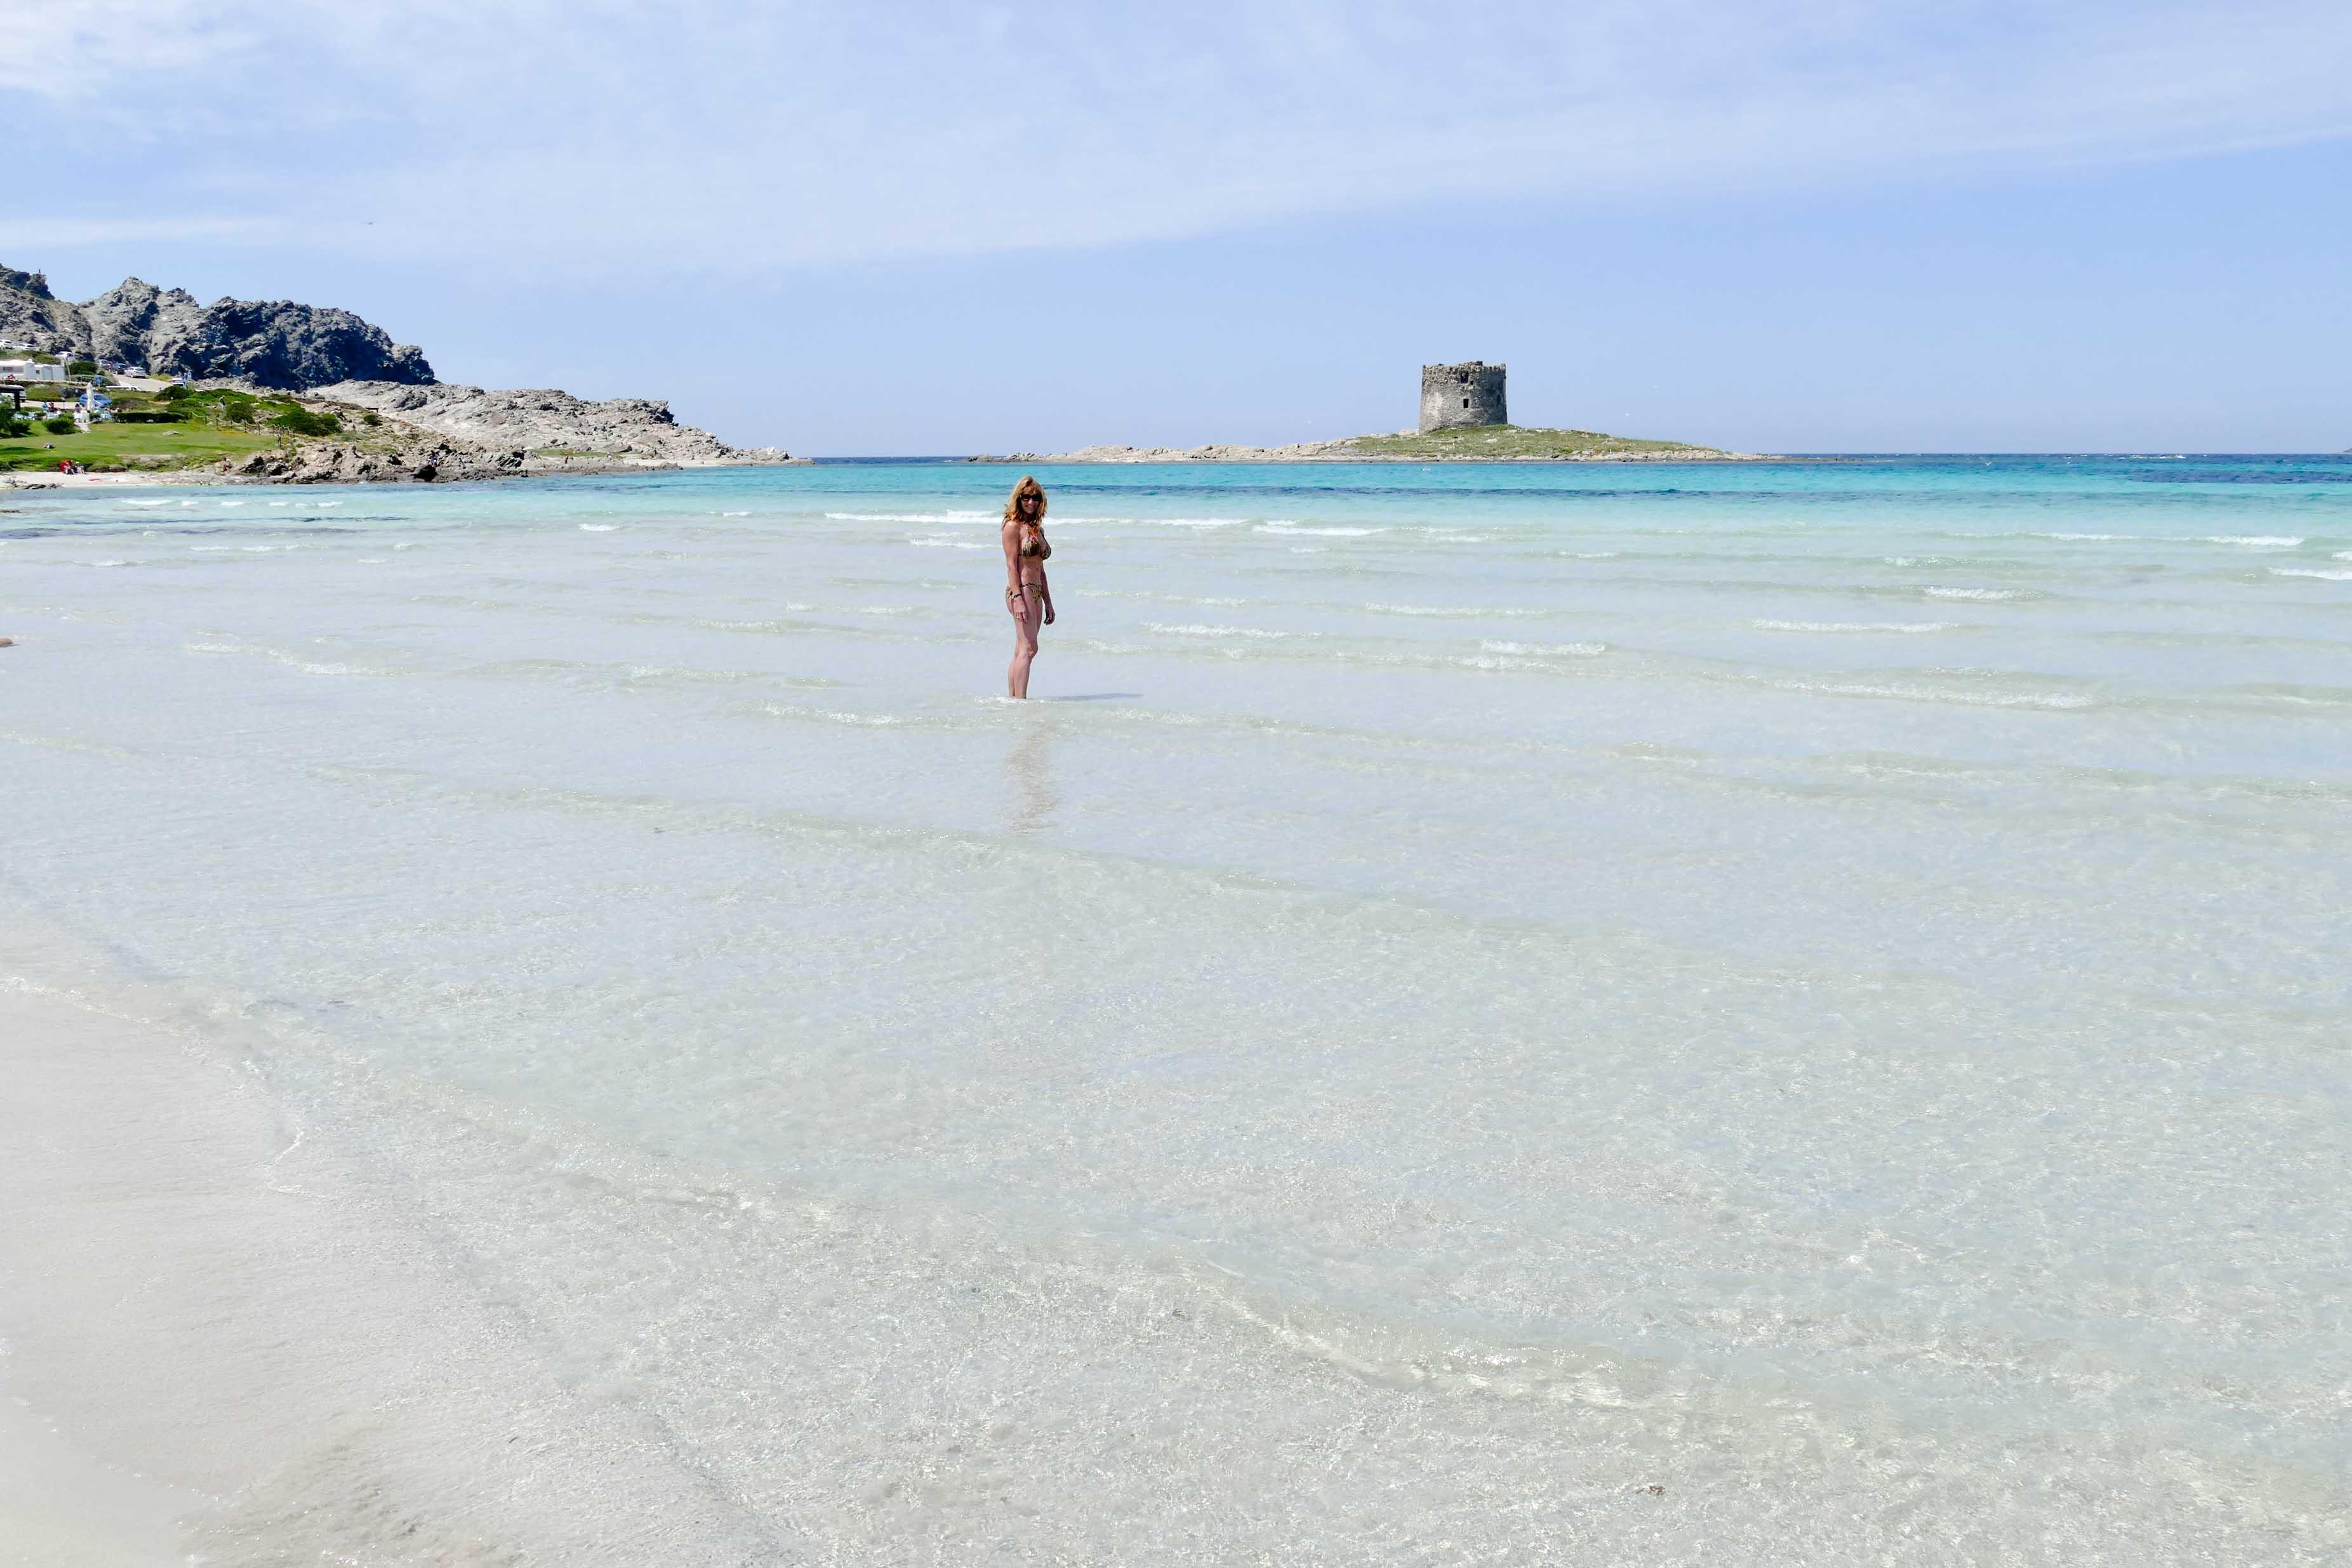 Vacances en Sardaigne - Le Nord de l'île -